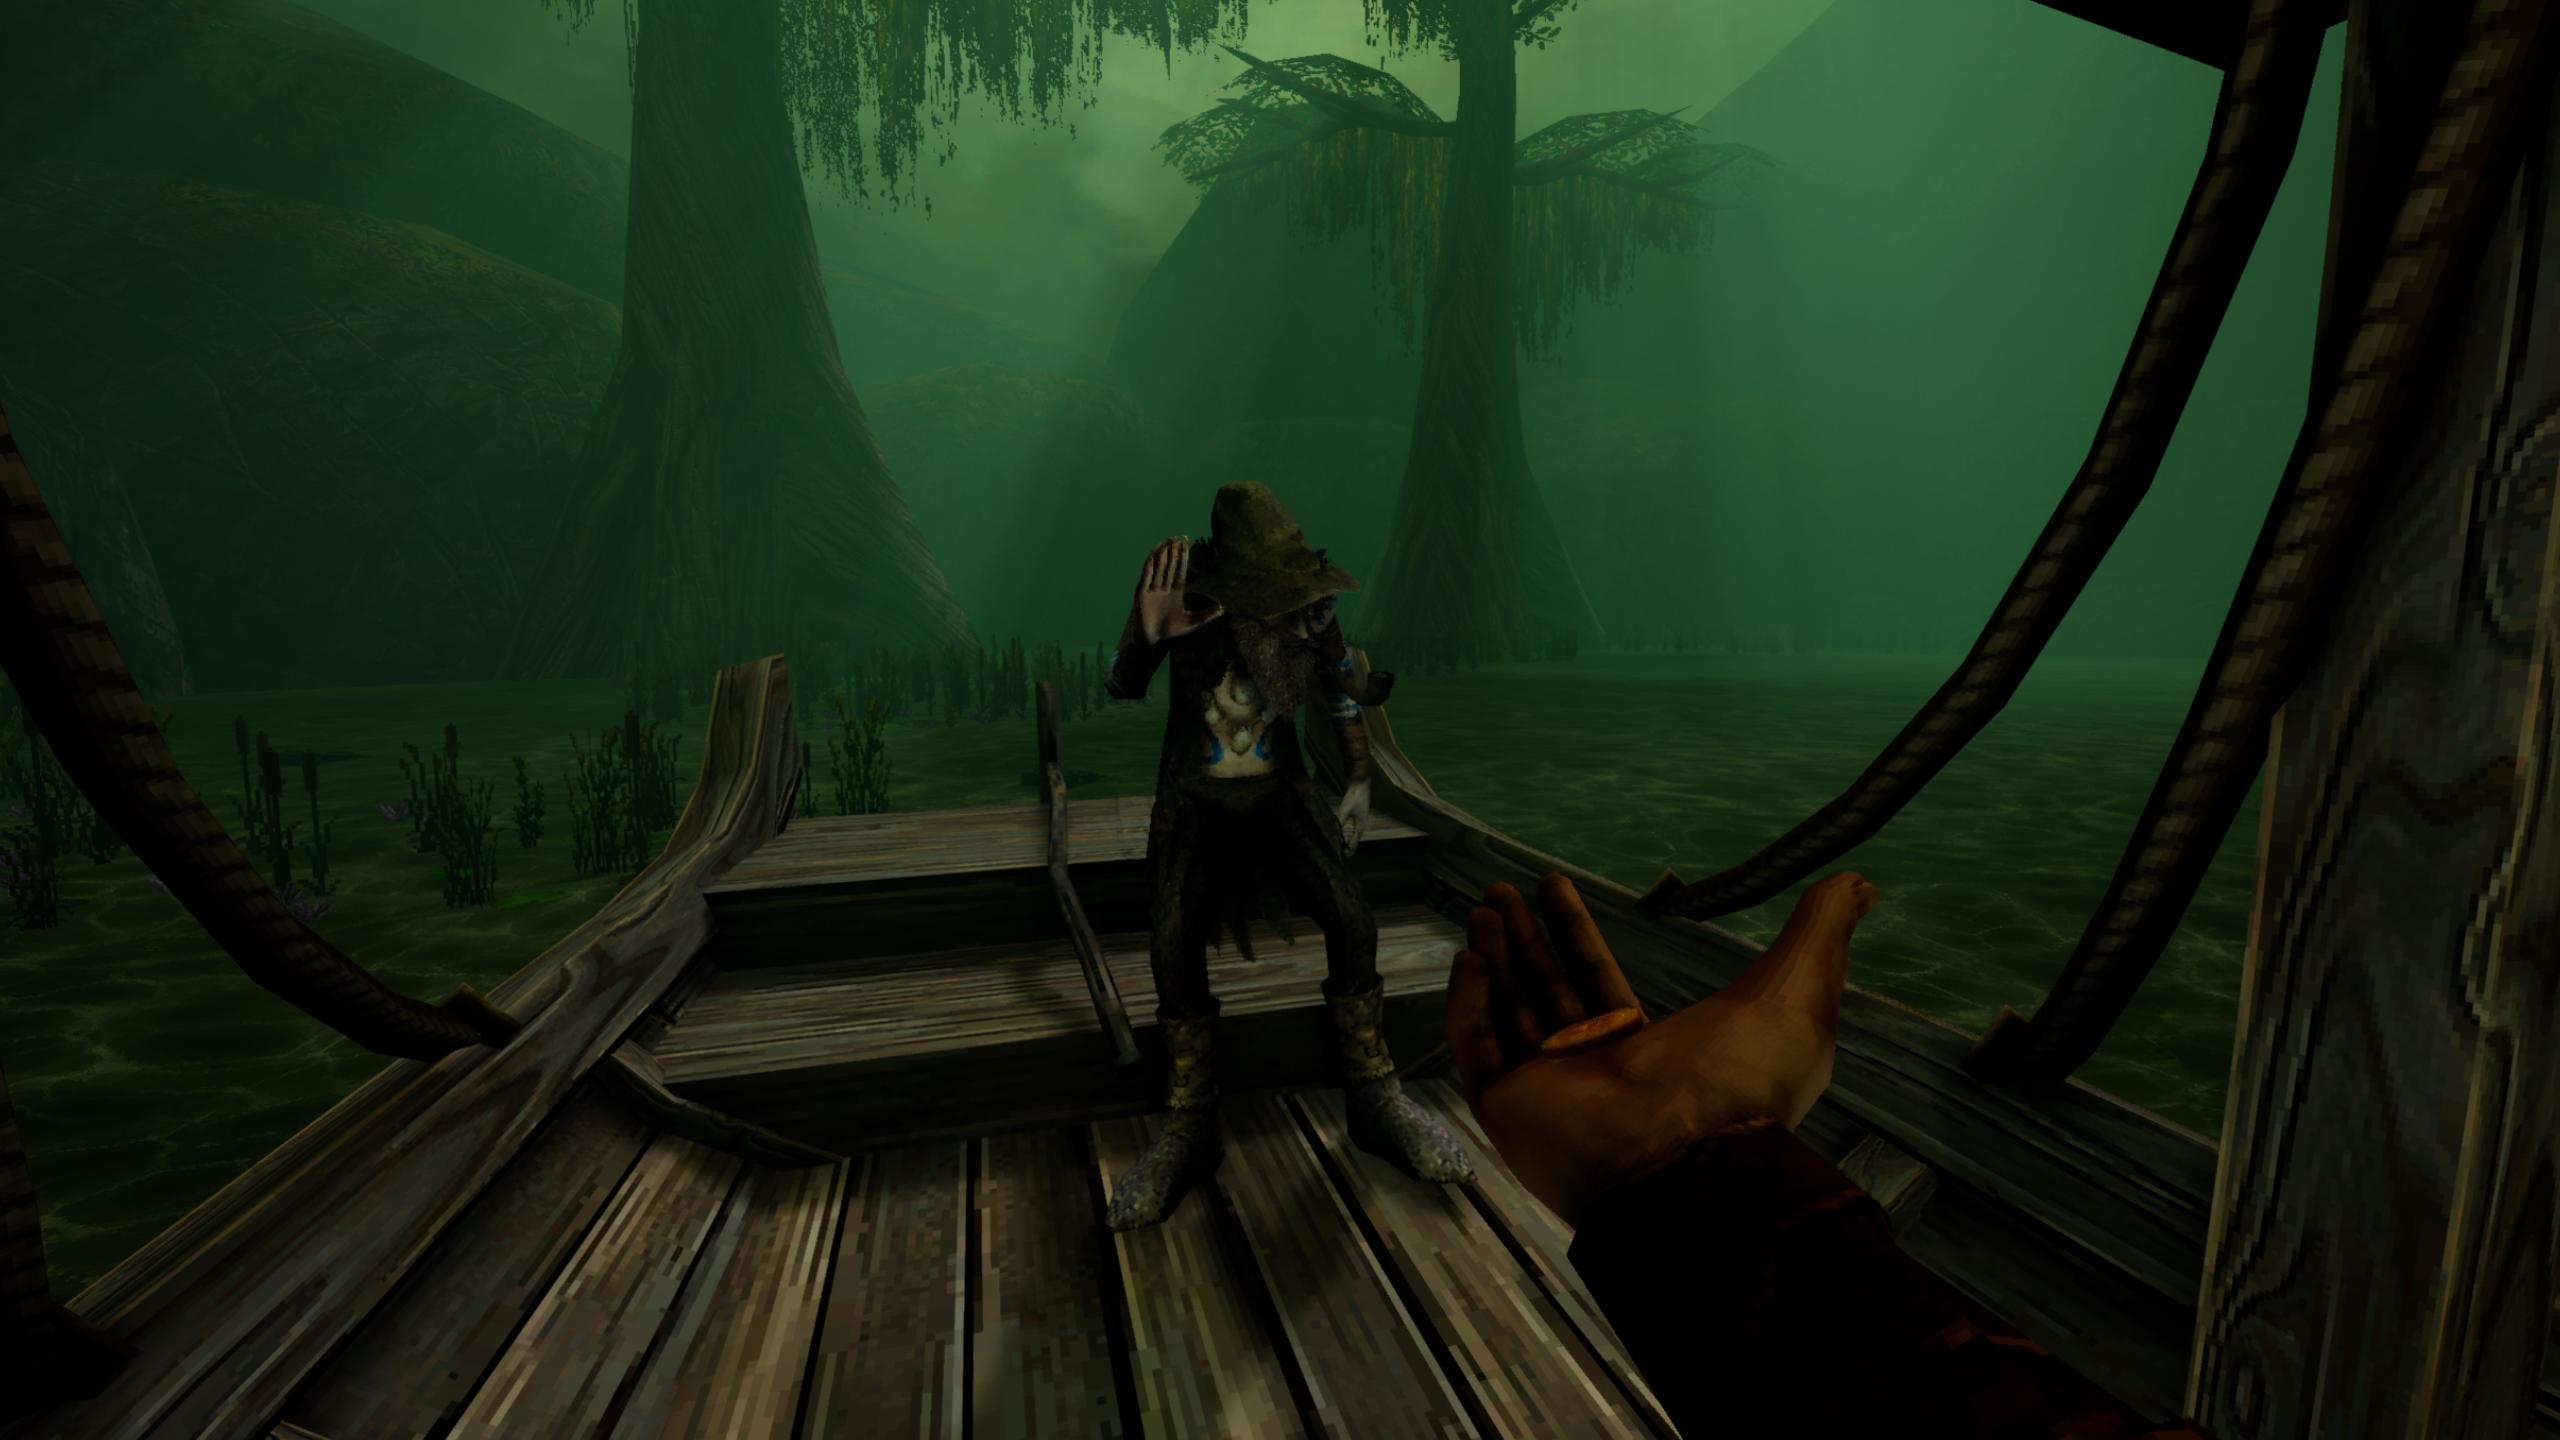 GR Screenshot 10